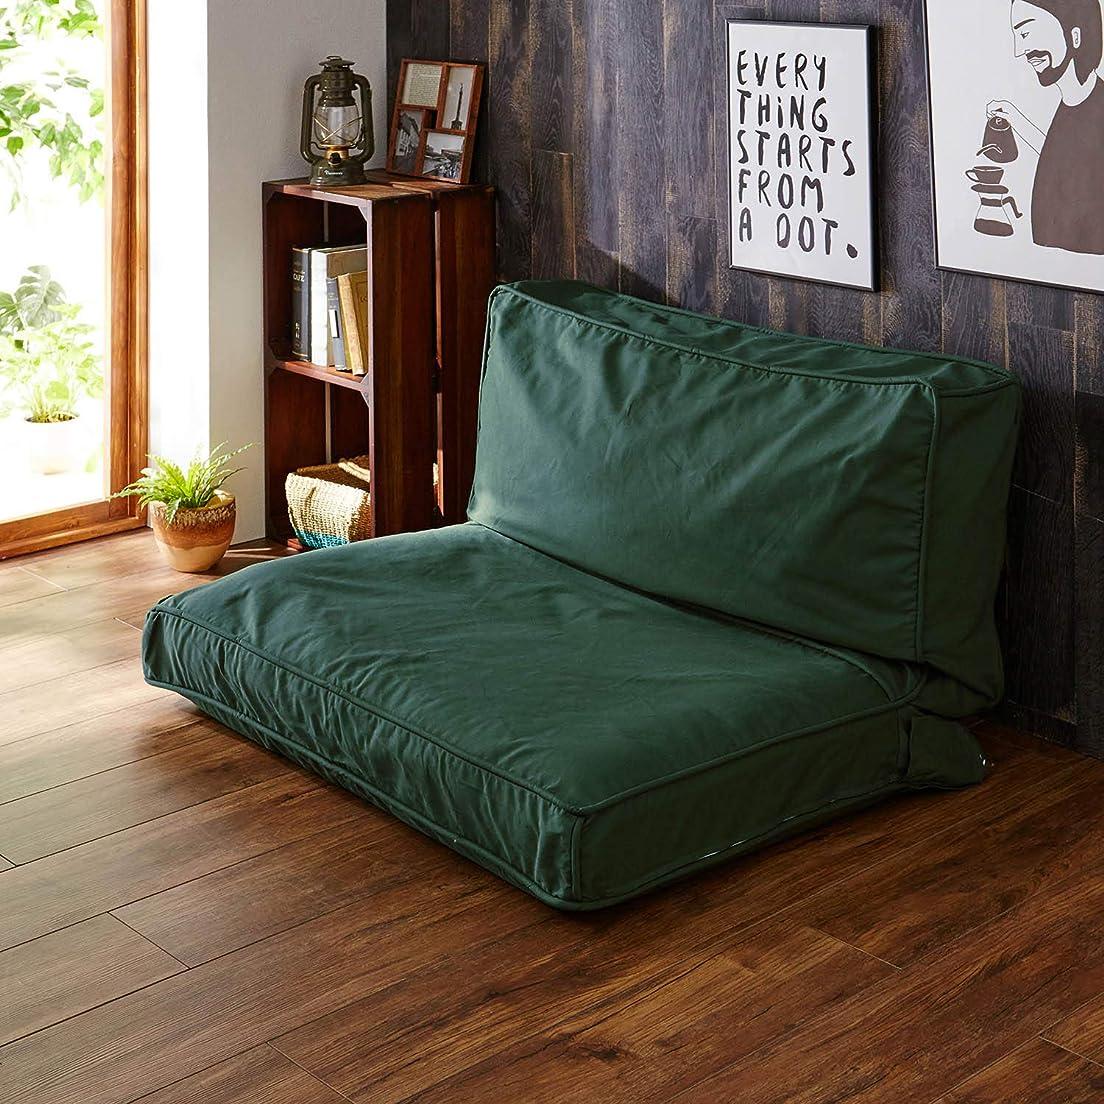 士気配分有利[ベルメゾン] ふとん収納 もっと ソファーになる 布団収納袋 カーキ 布団一式用 ソファ型